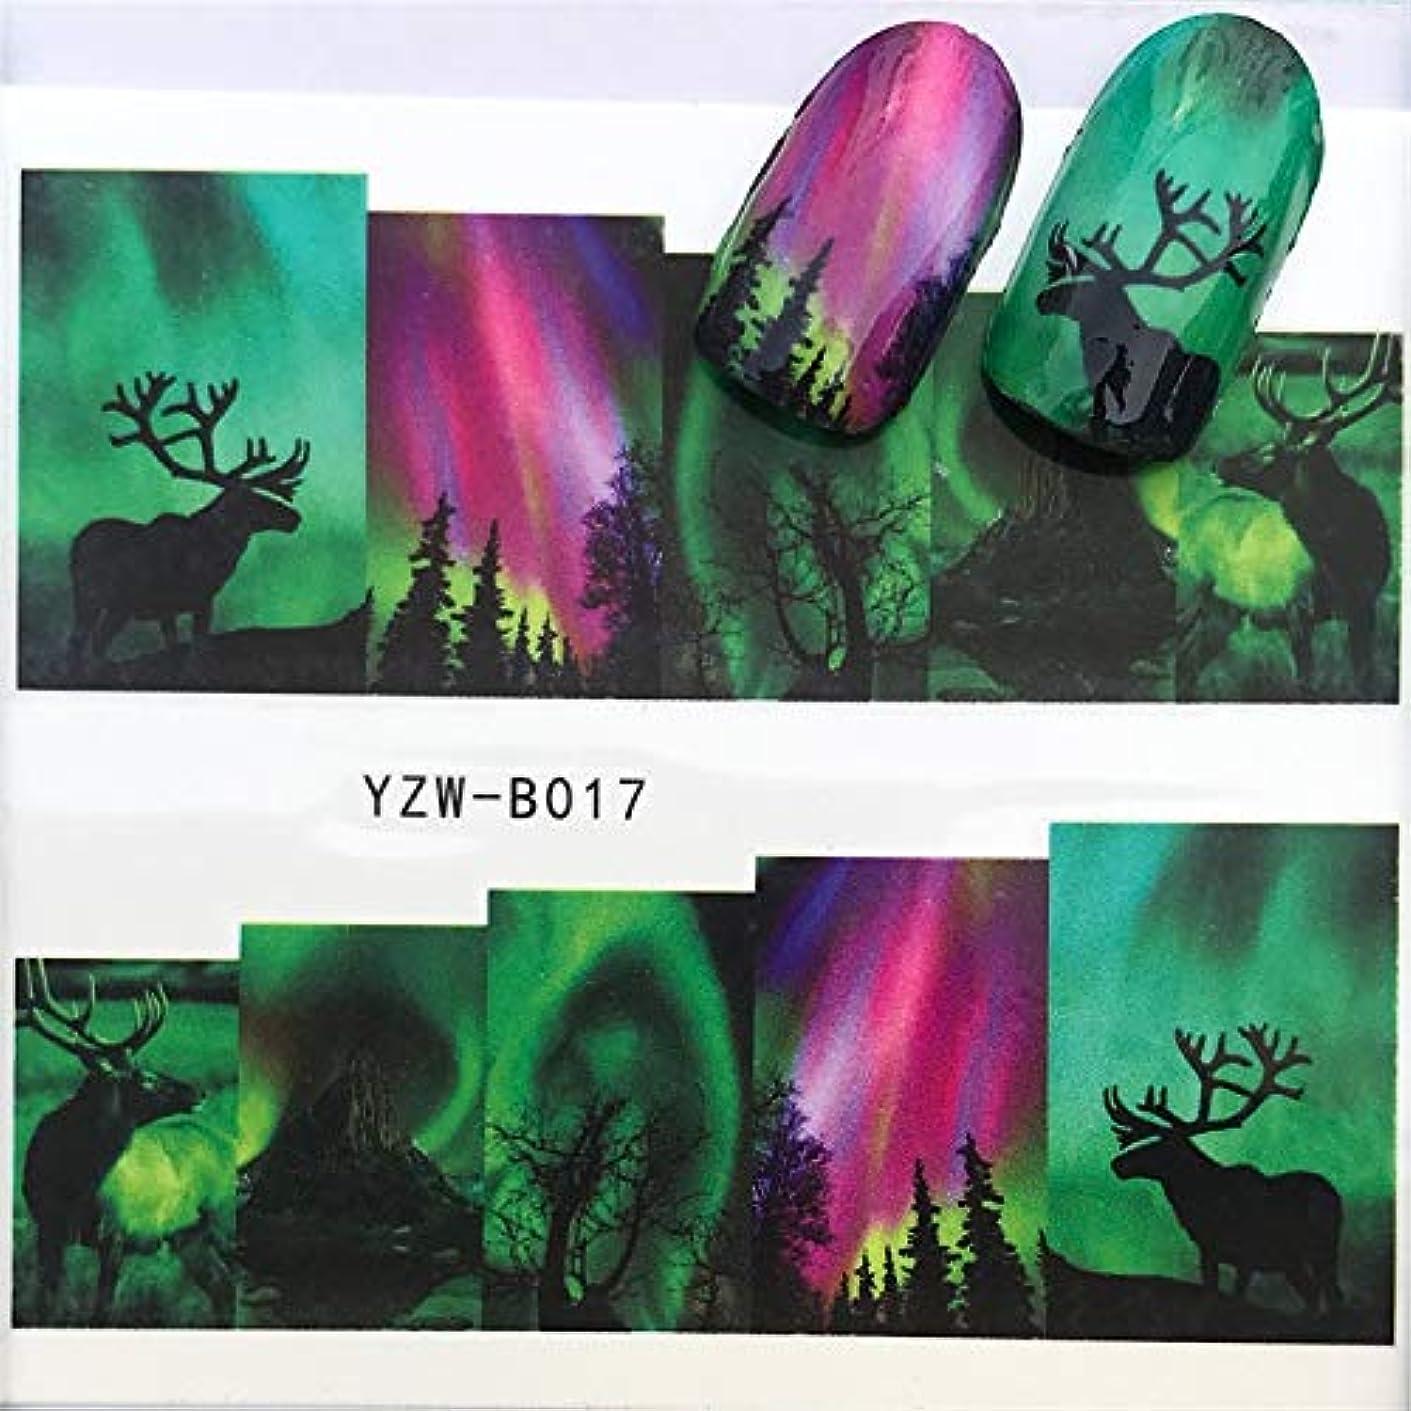 土問い合わせ好き手足ビューティーケア 3個ネイルステッカーセットデカール水転写スライダーネイルアートデコレーション、色:YZWB018